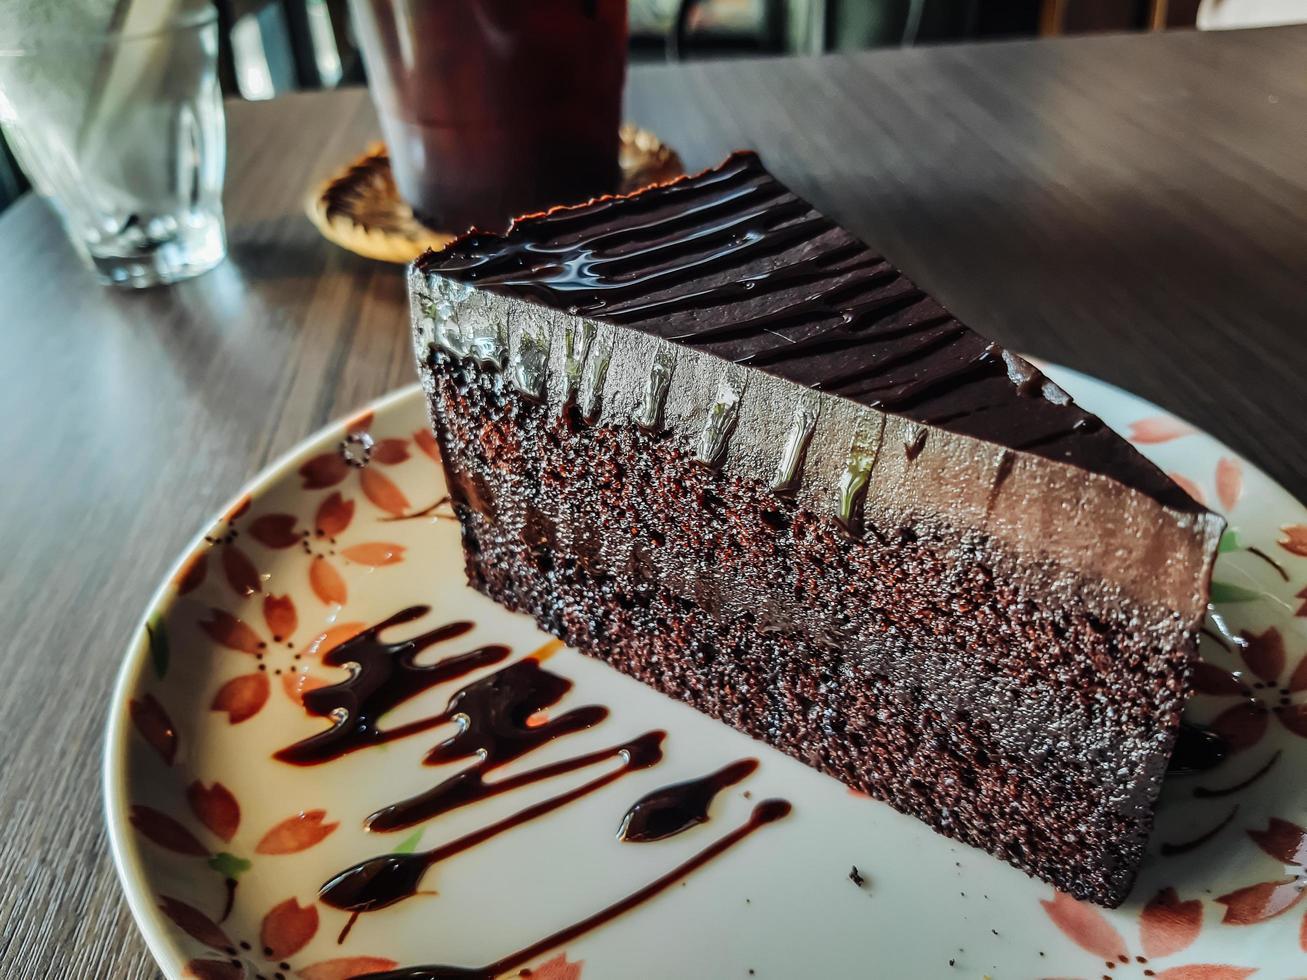 plato con rebanada de sabroso pastel de chocolate casero en la mesa, delicioso pastel de chocolate. pedazo de pastel en un plato. comida dulce. postre dulce. de cerca. foto